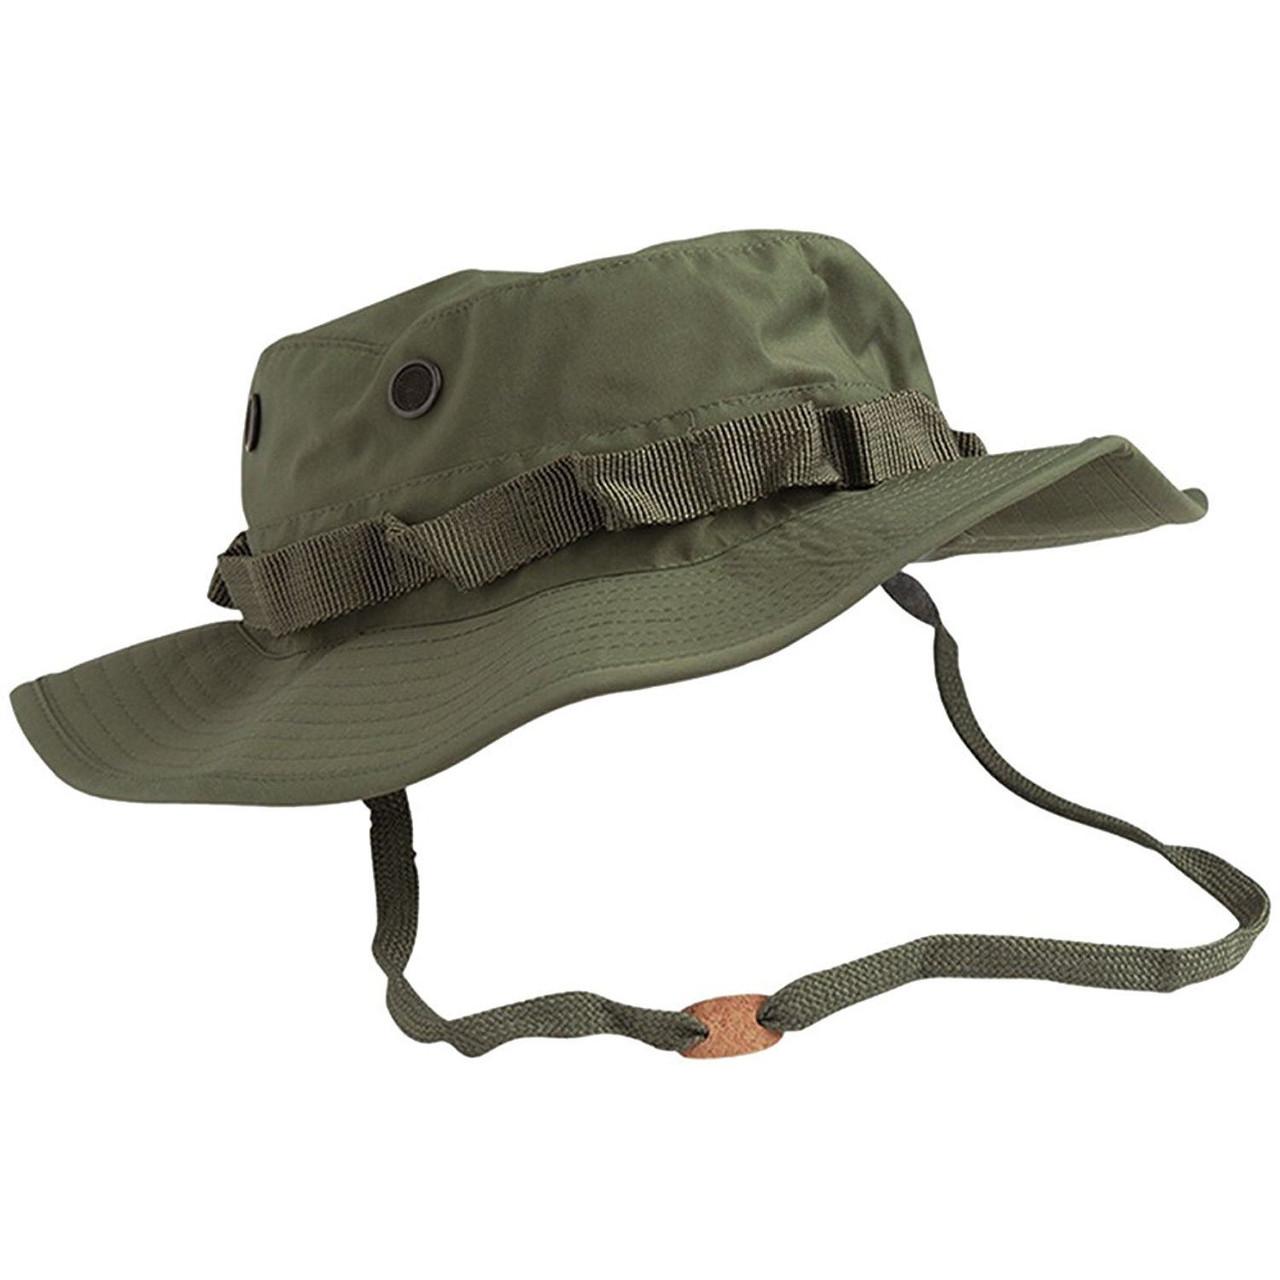 Панама солнцезащитная армейского образца нато (олива)